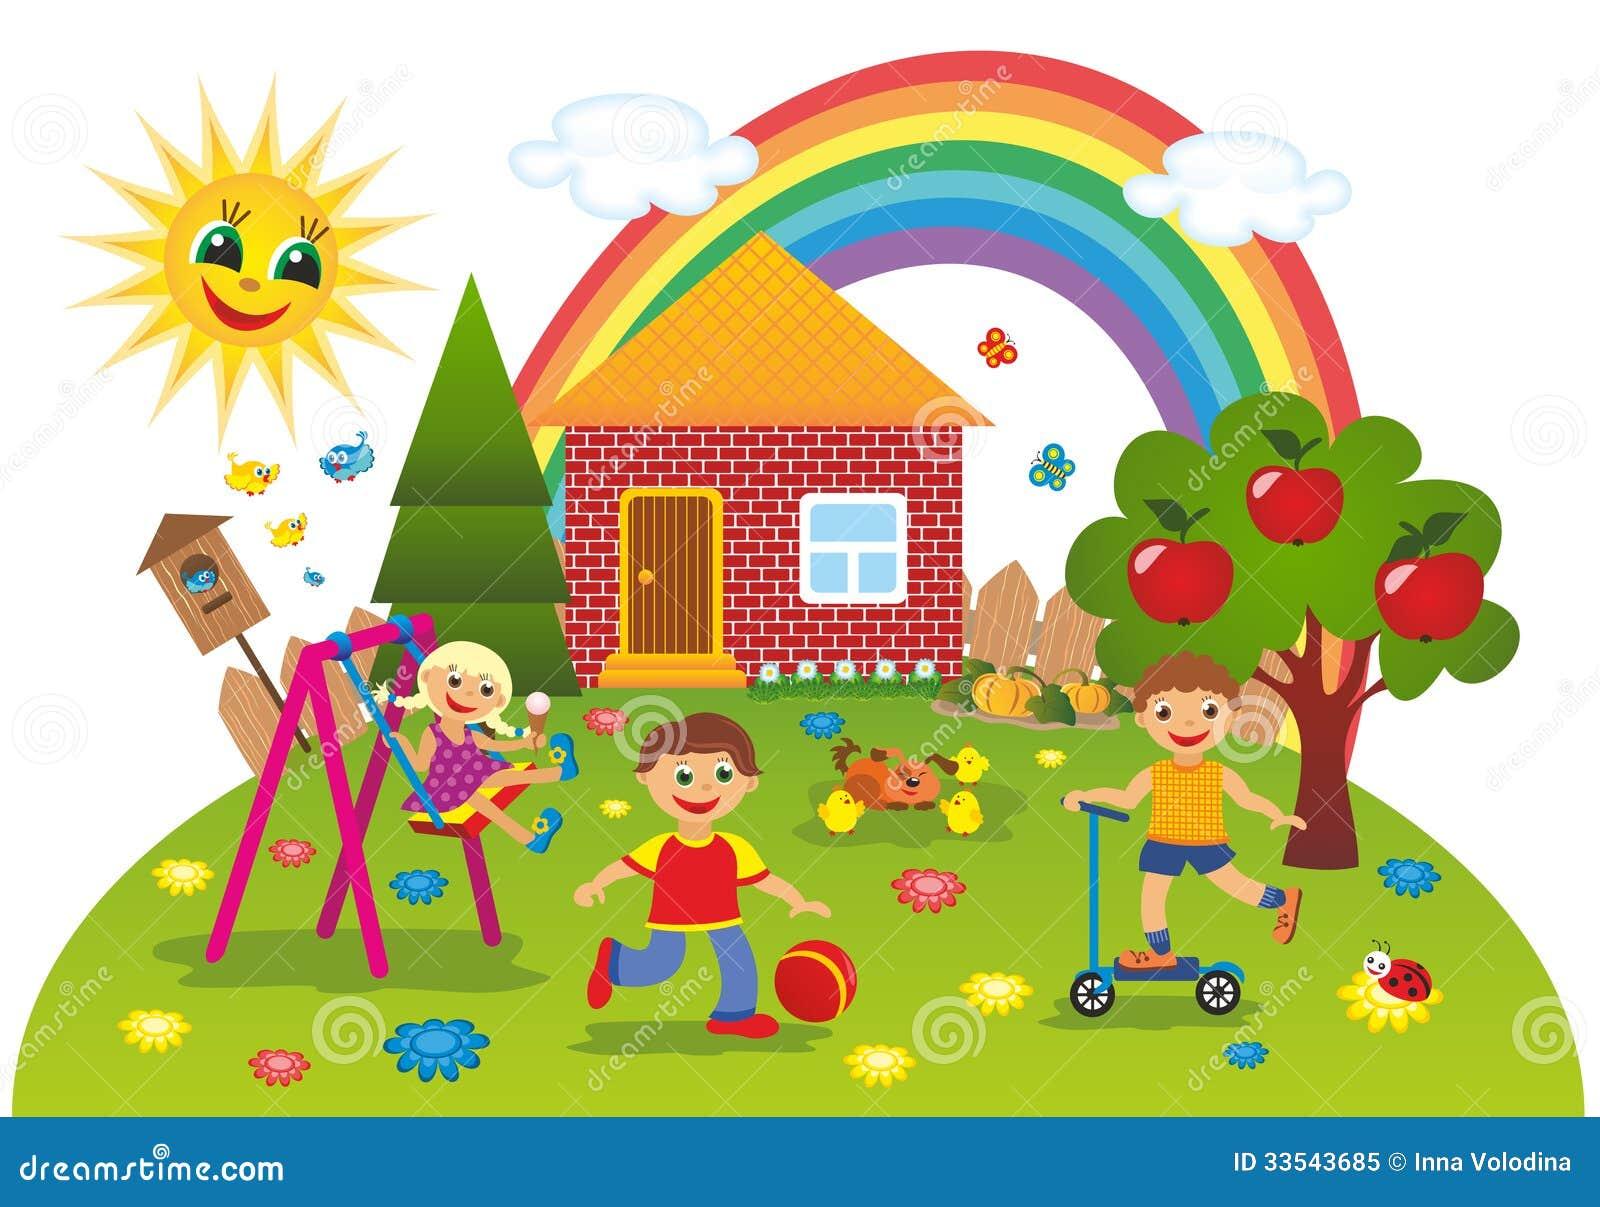 kinder drau u00dfen im sommer stock abbildung illustration von playground clipart sandbox playground clipart creative commons